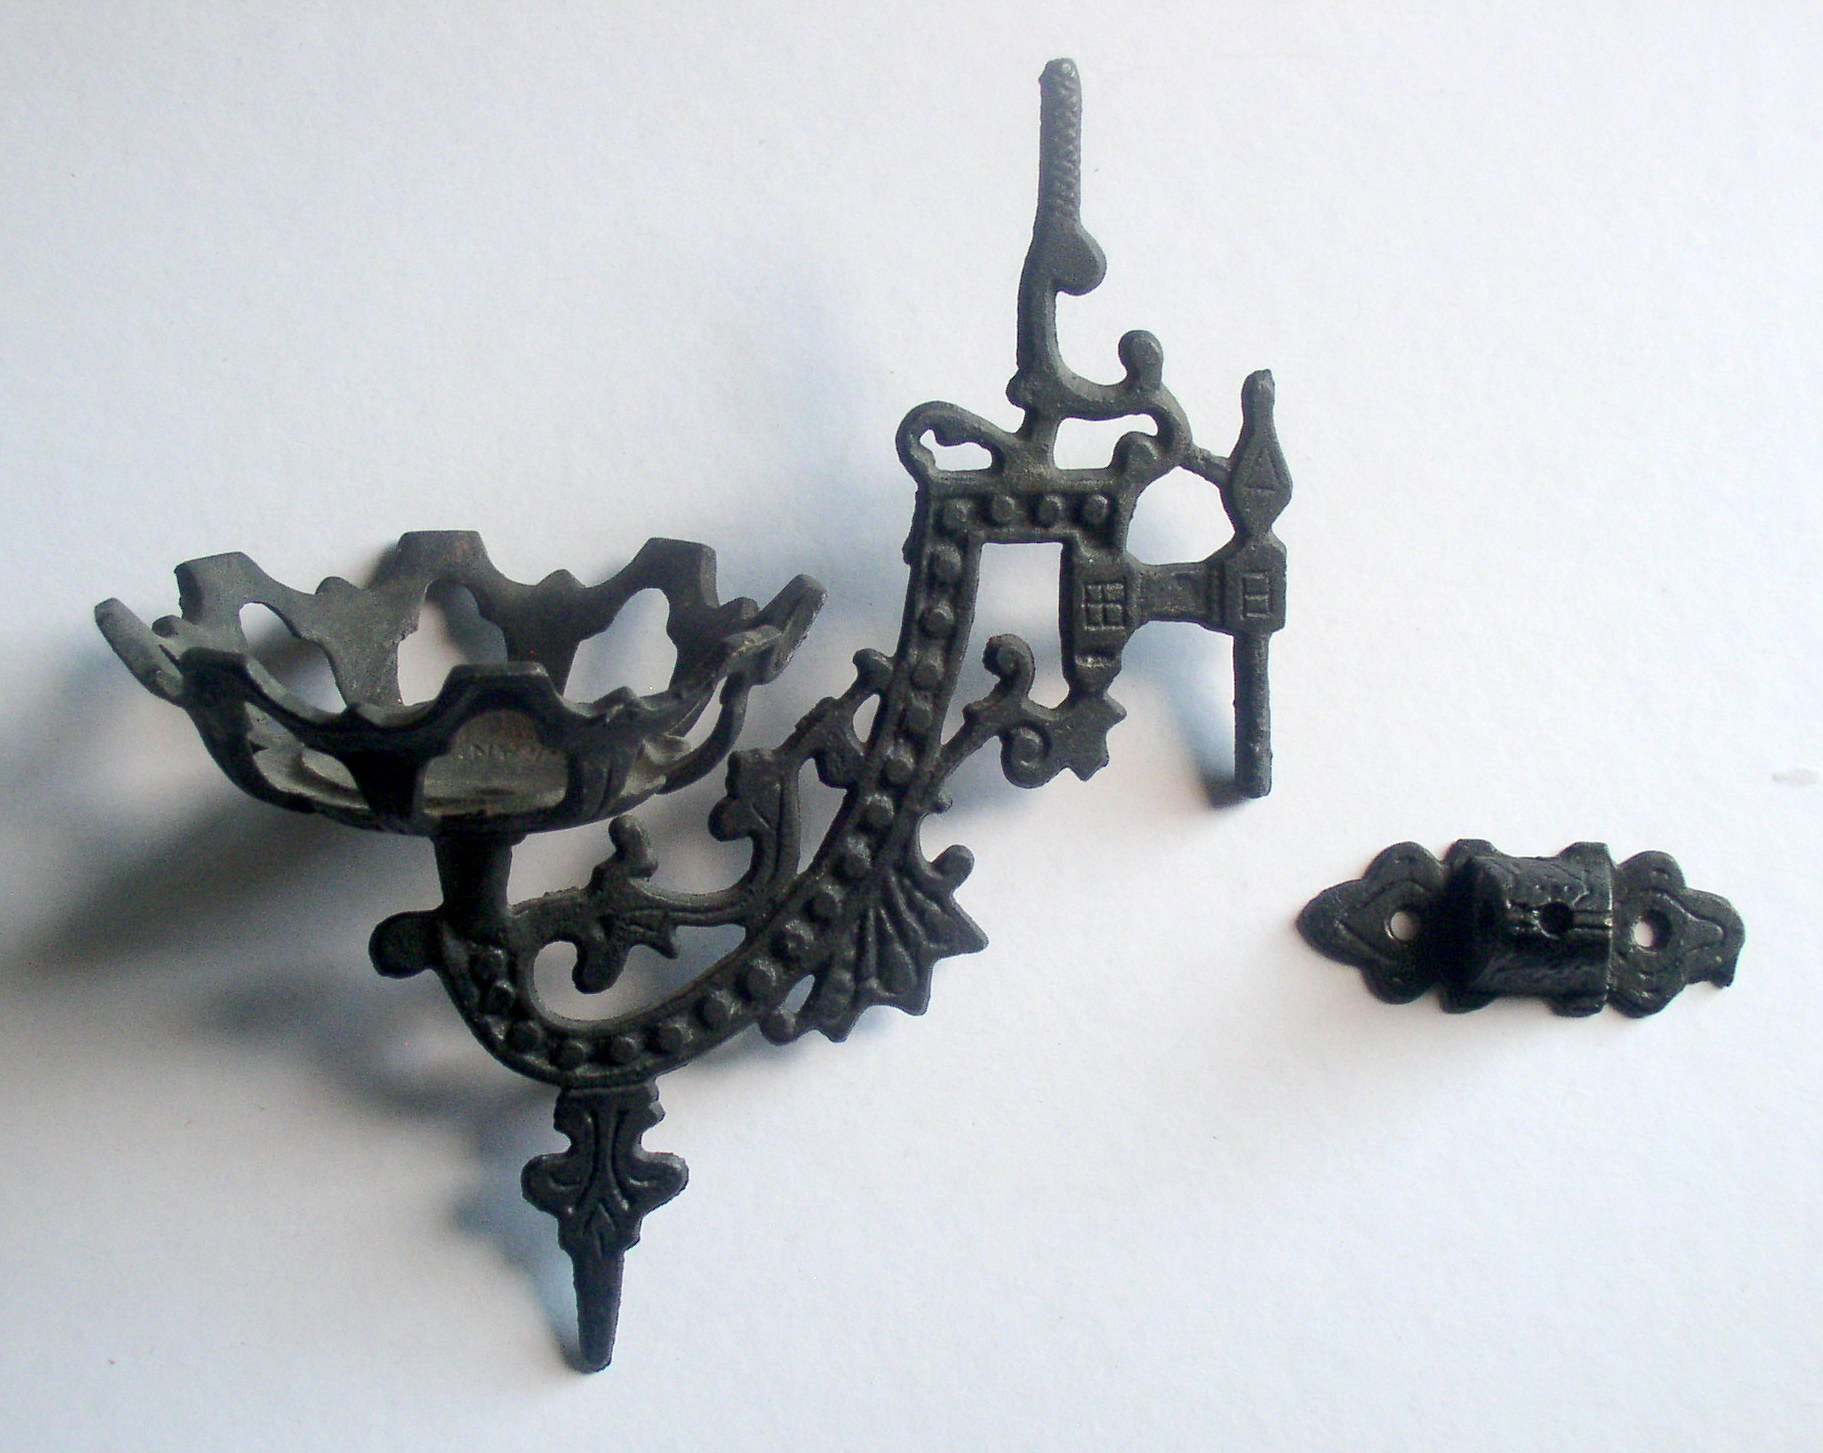 Wall Mount Oil Lamp Holders : Cast Iron Wall Mount Bracket Kerosene Oil Lamp Holder, Complete Thingery Previews Postviews ...